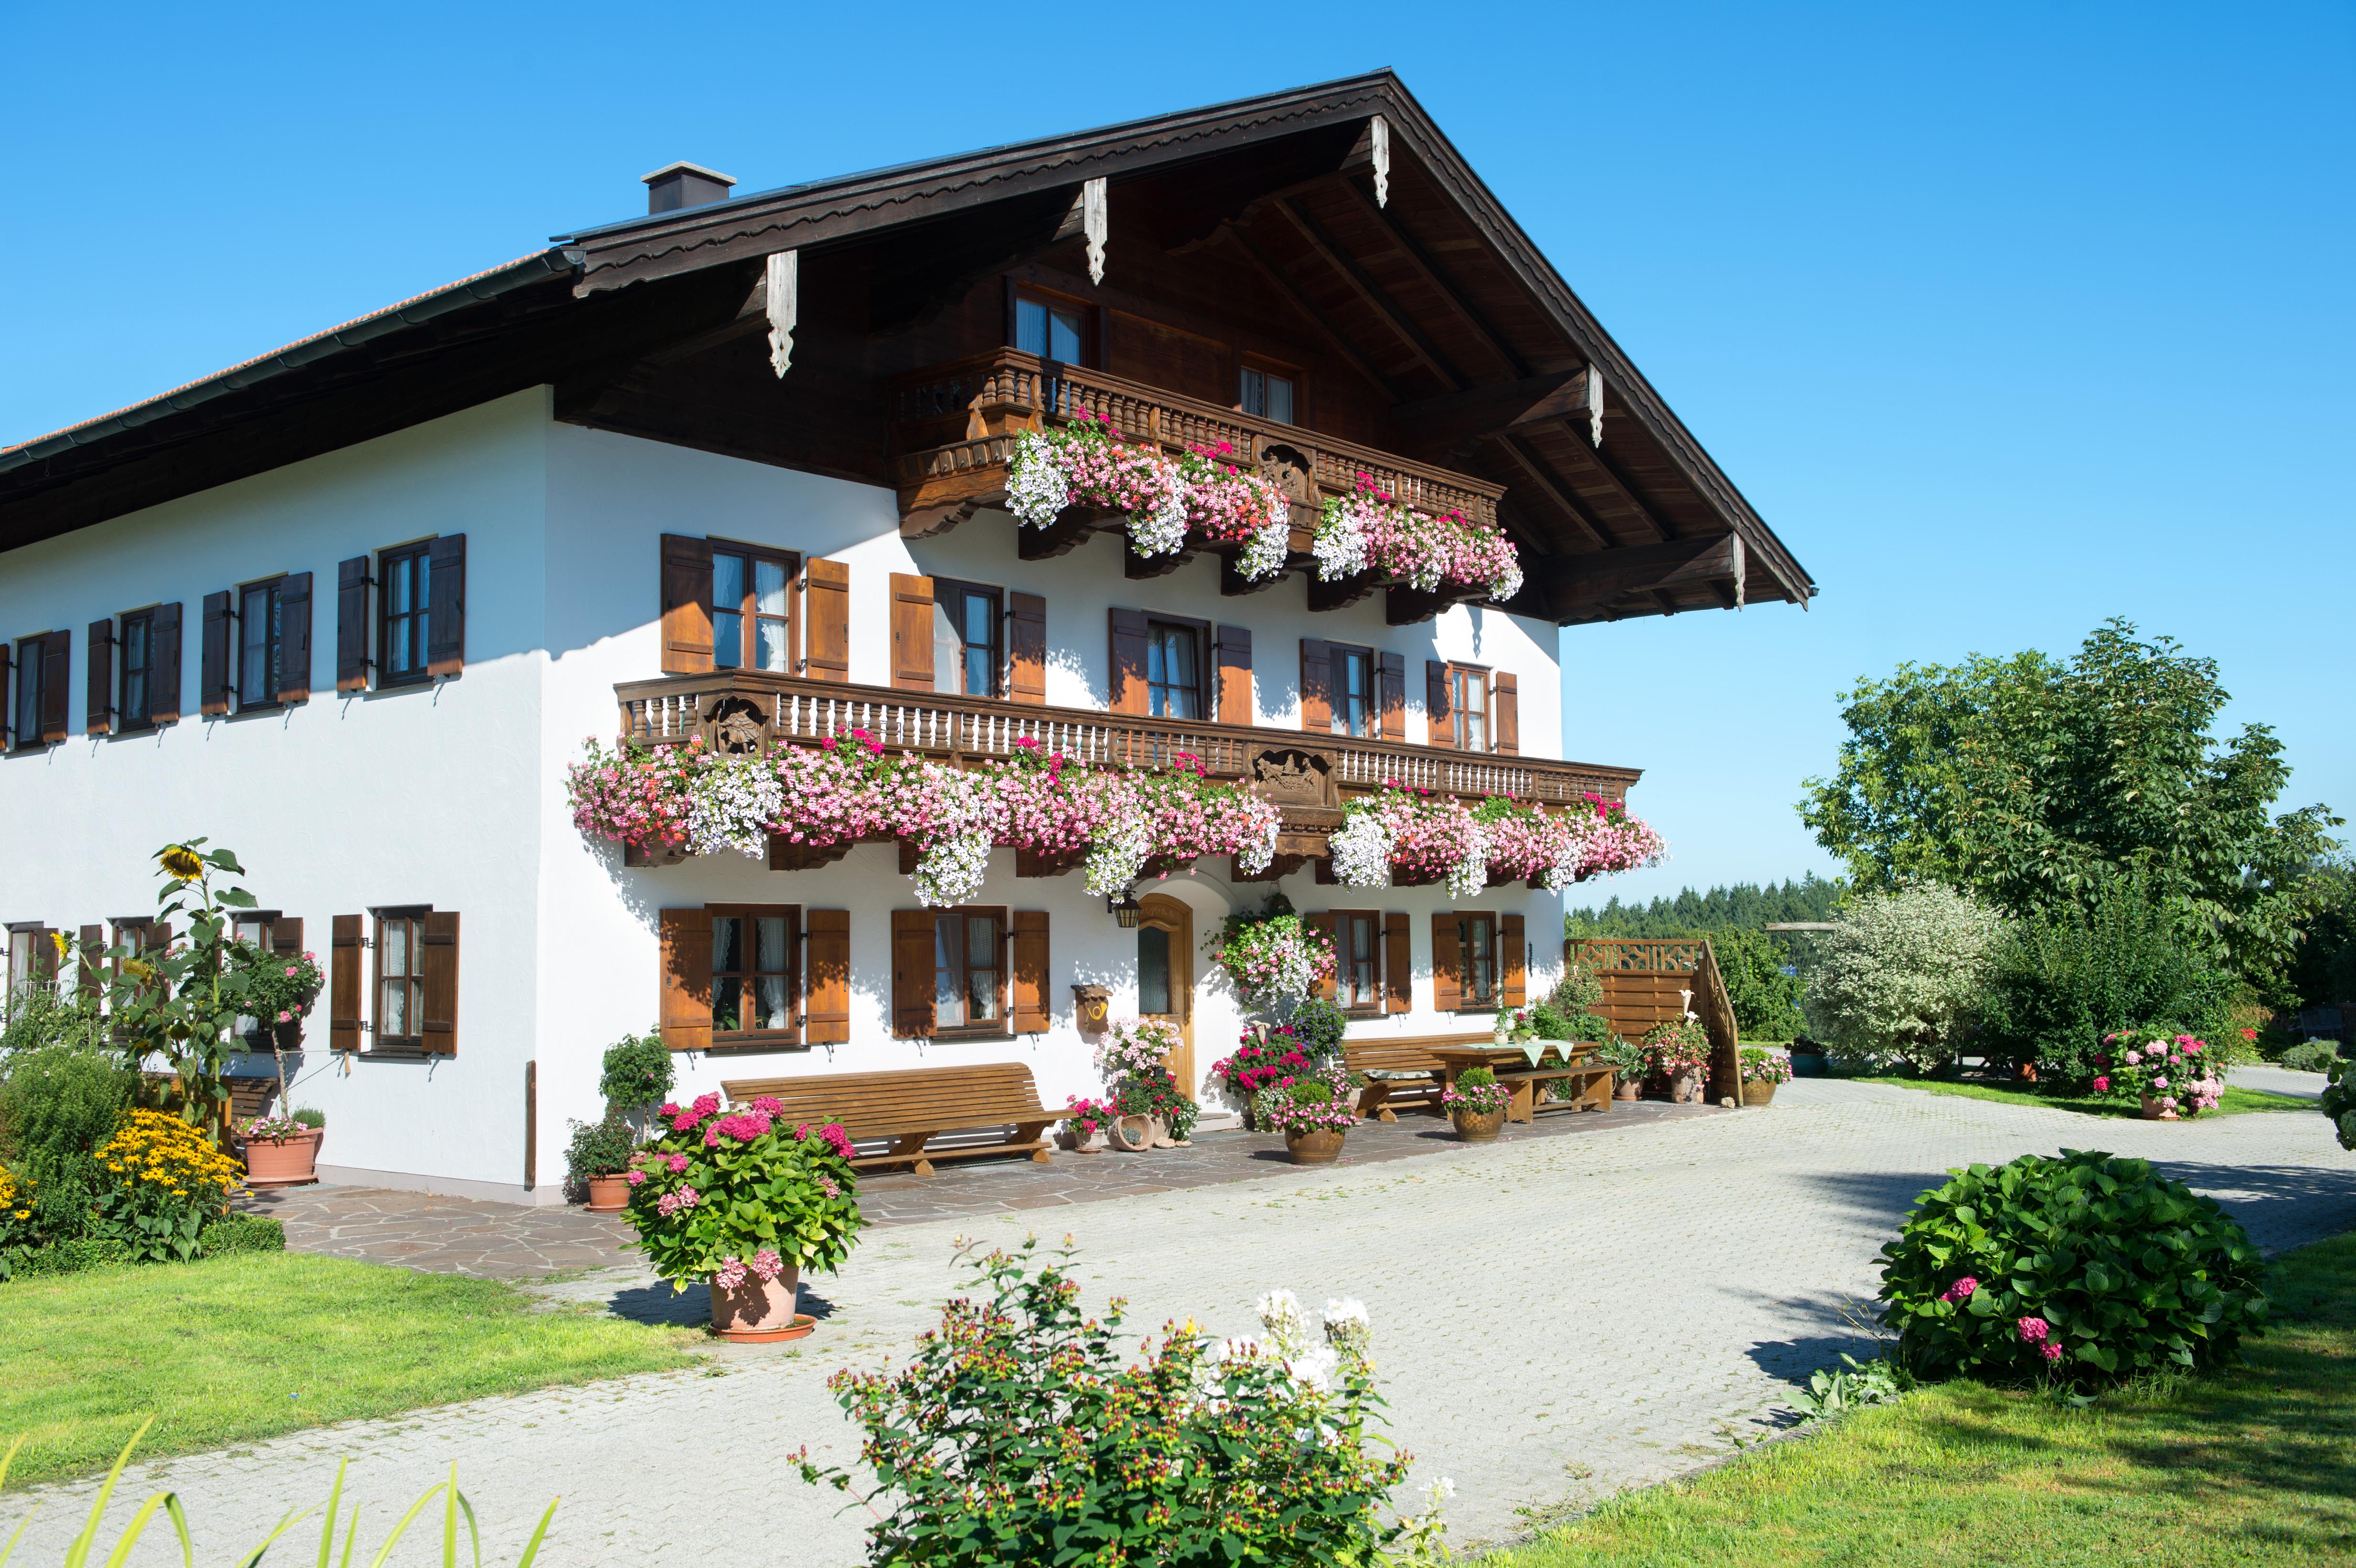 schnaiterhof de siegsdorf ferienwohnung balkon chiemgau landkreis traunstein. Black Bedroom Furniture Sets. Home Design Ideas